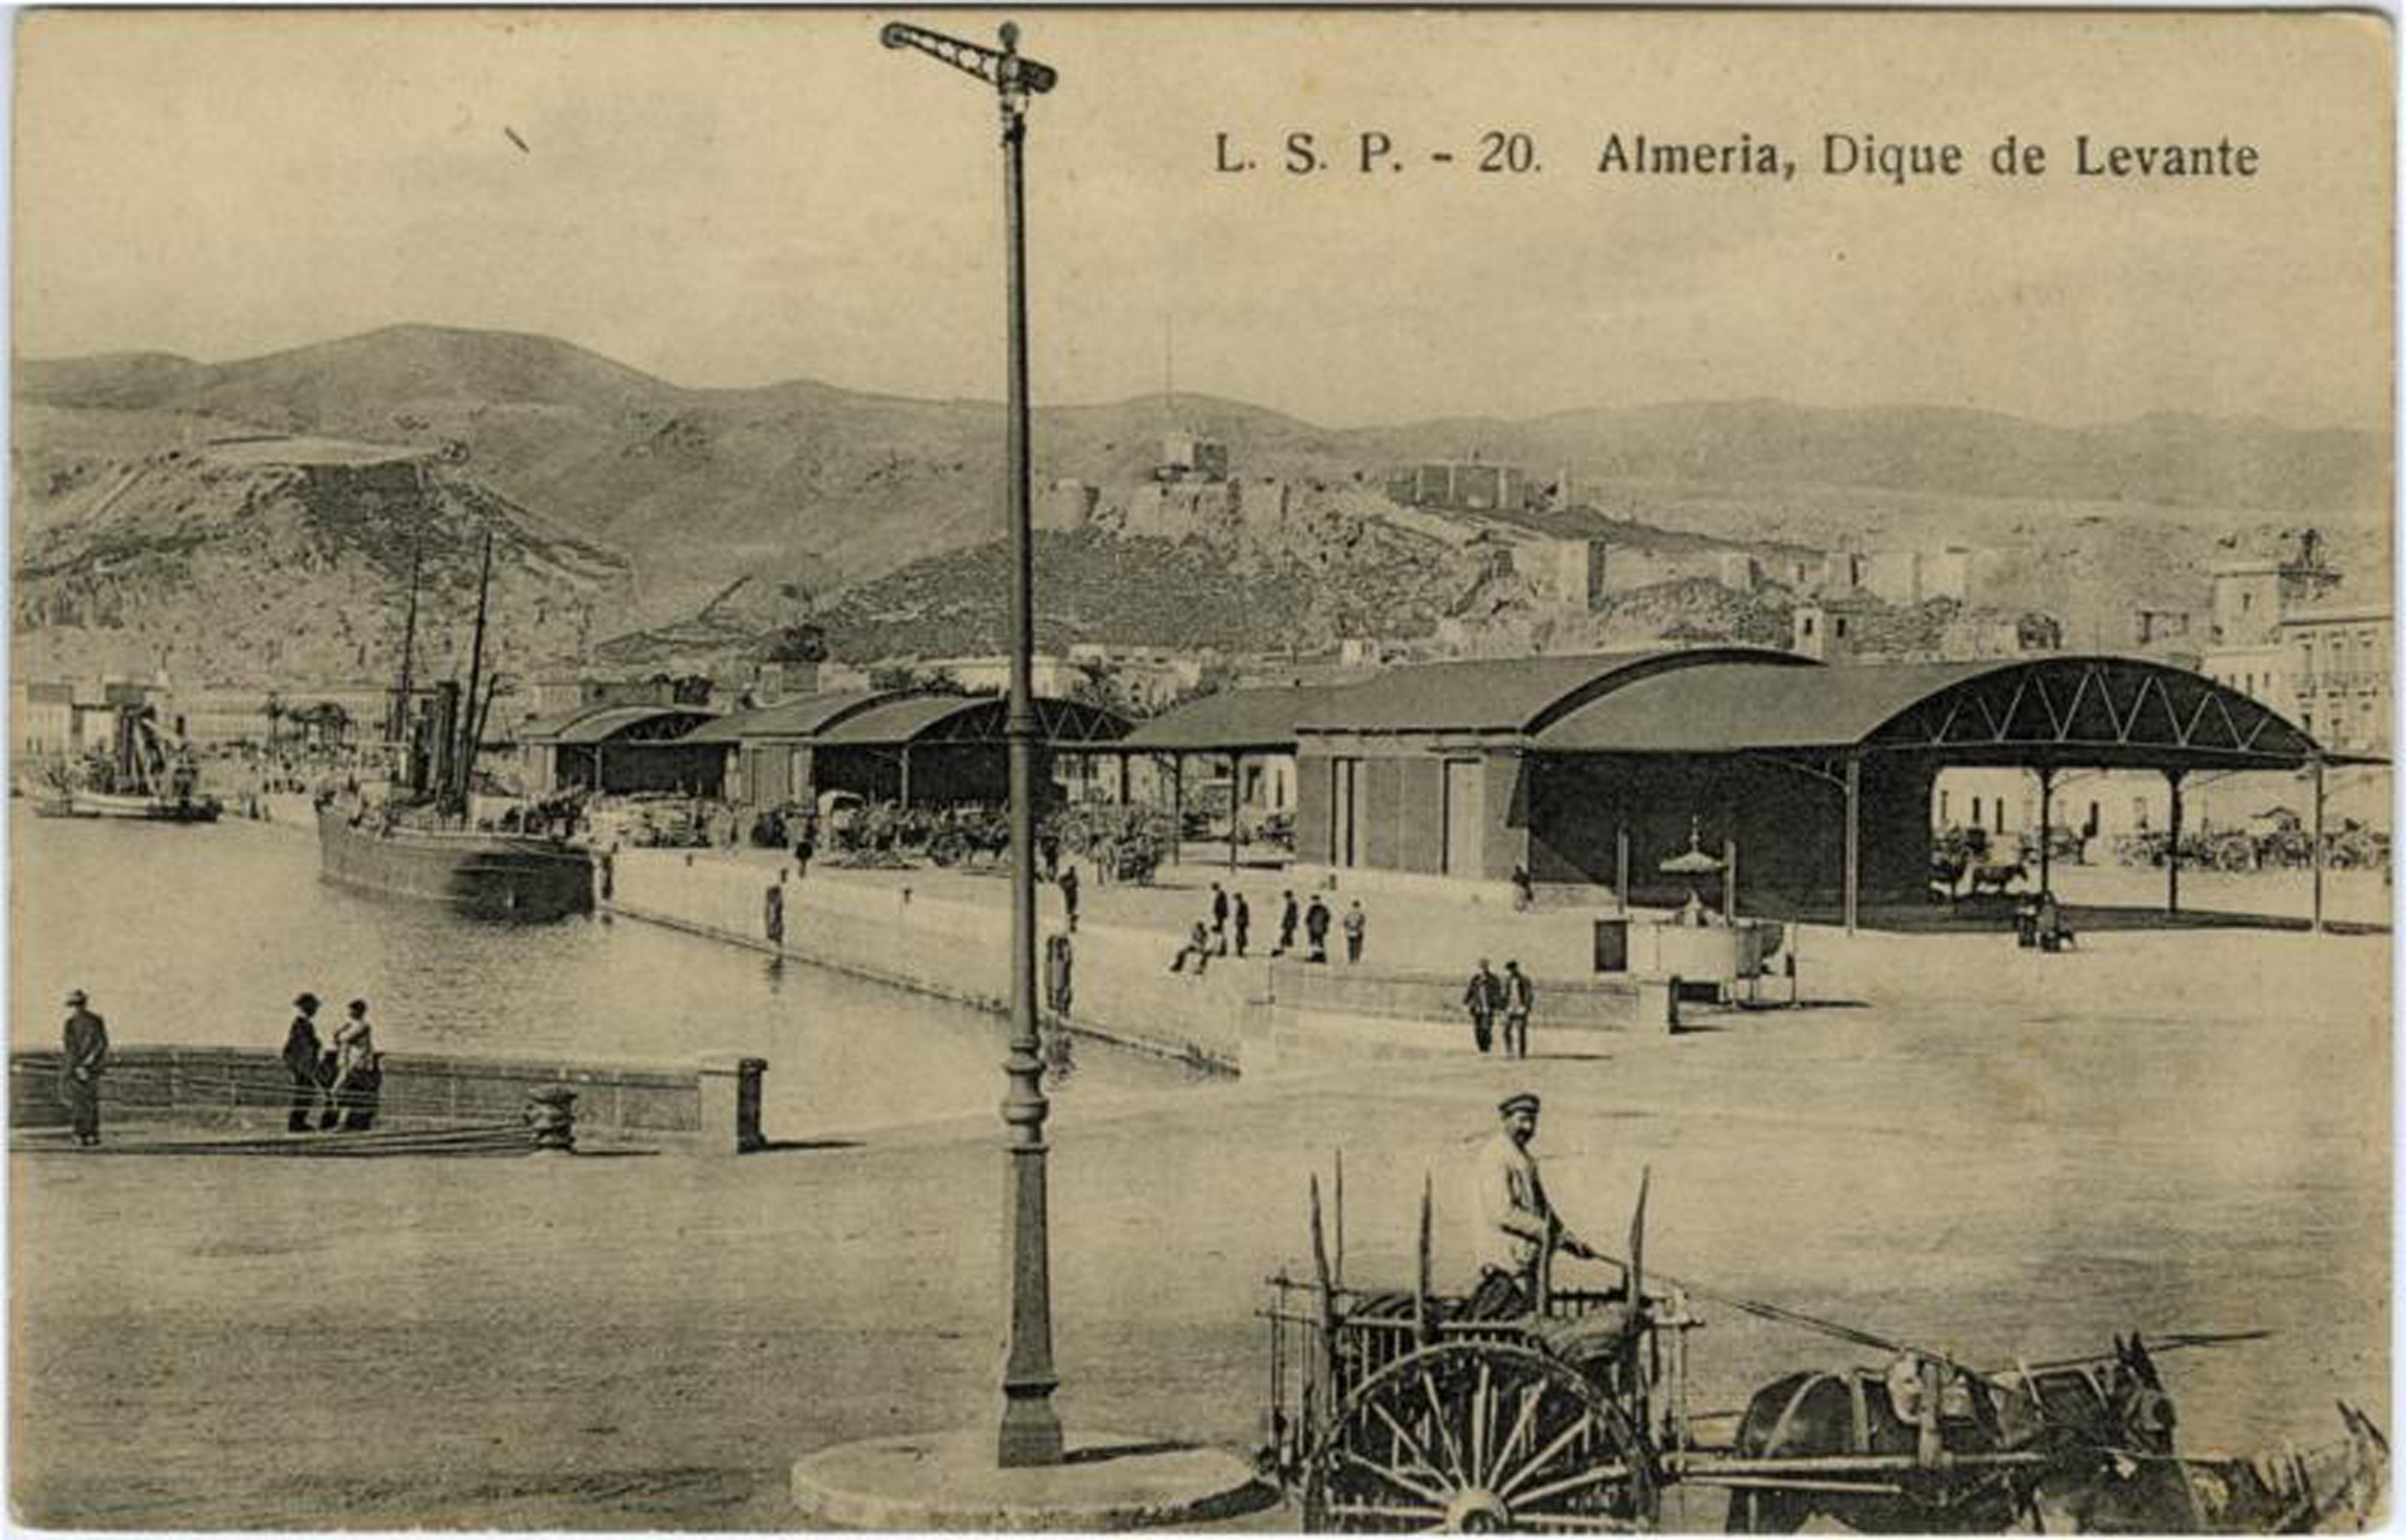 Rompiendo barreras 150 a os de la planificaci n urbana - Colegio arquitectos almeria ...